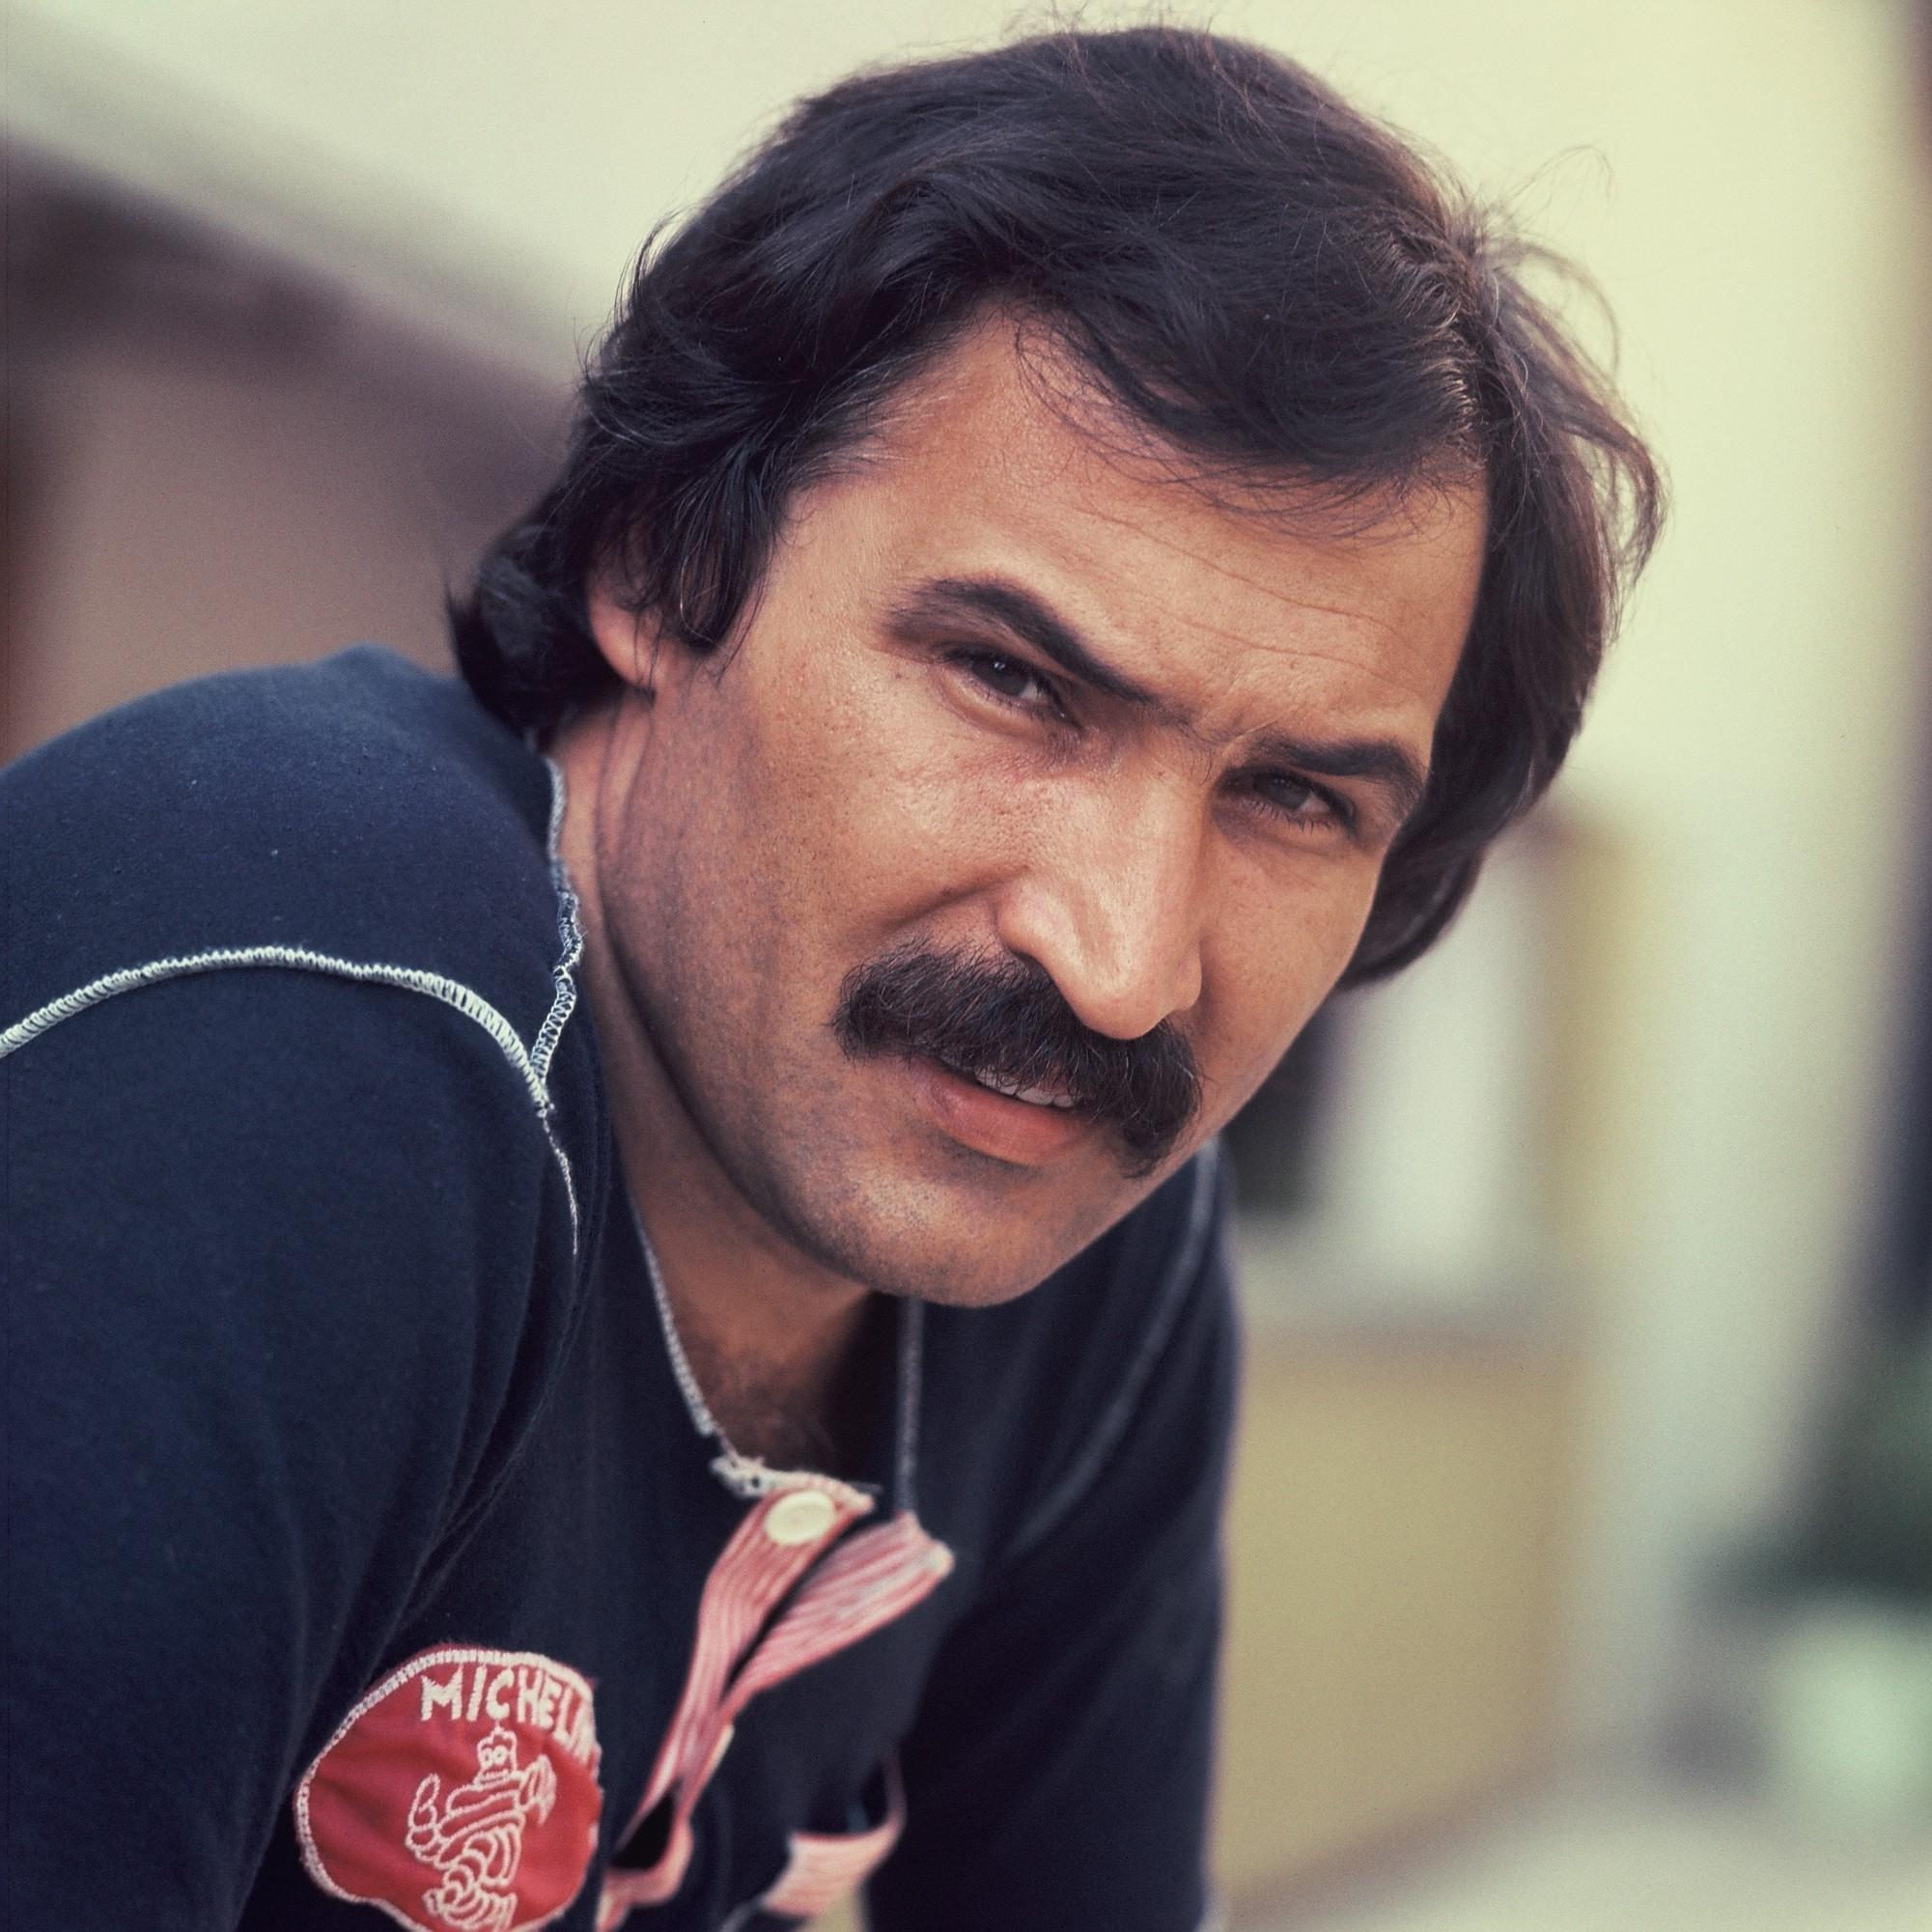 Danas obilježavamo 80. rođendan legende hrvatske glazbe – Miše Kovača